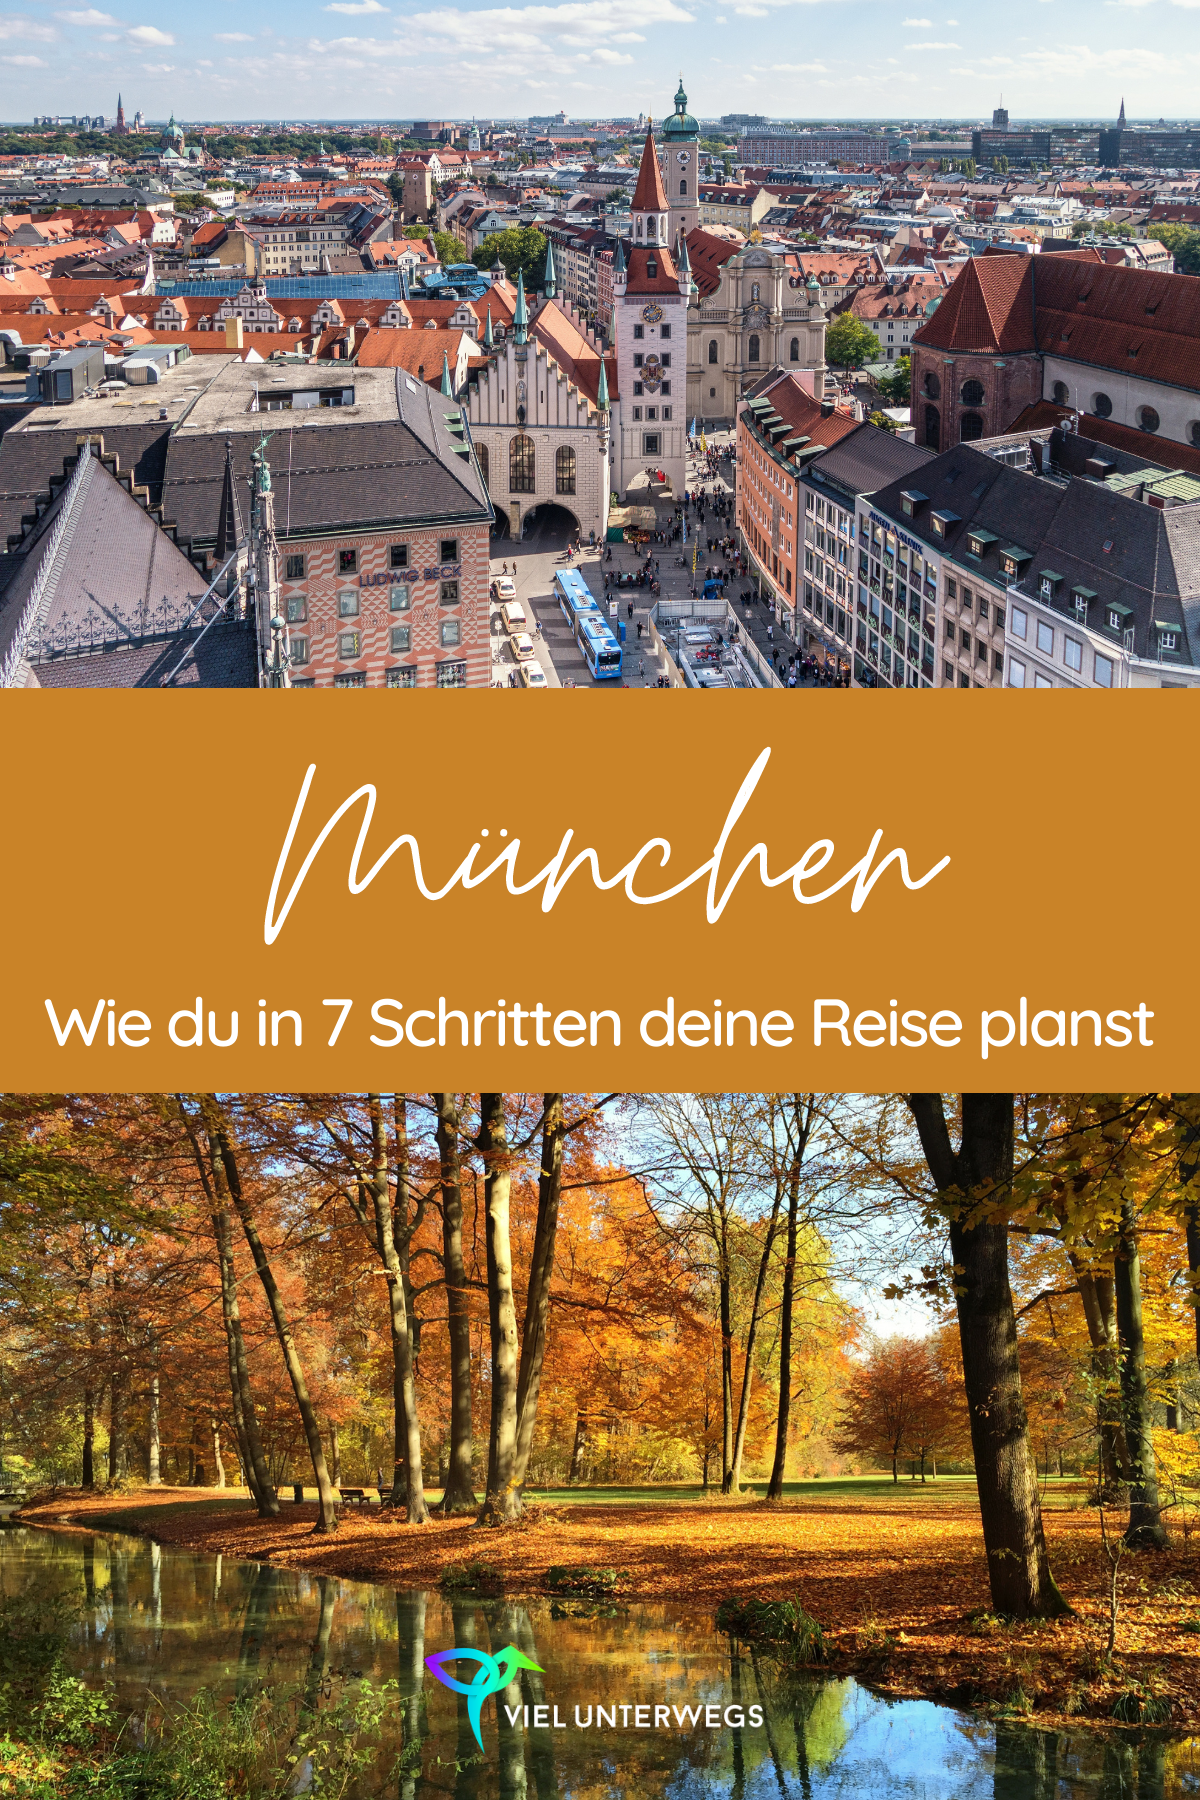 Munchen Tipps Sehenswurdigkeiten Highlights Fur 2 Tage In 2020 Munchen Tipps Reise Planen Reisen